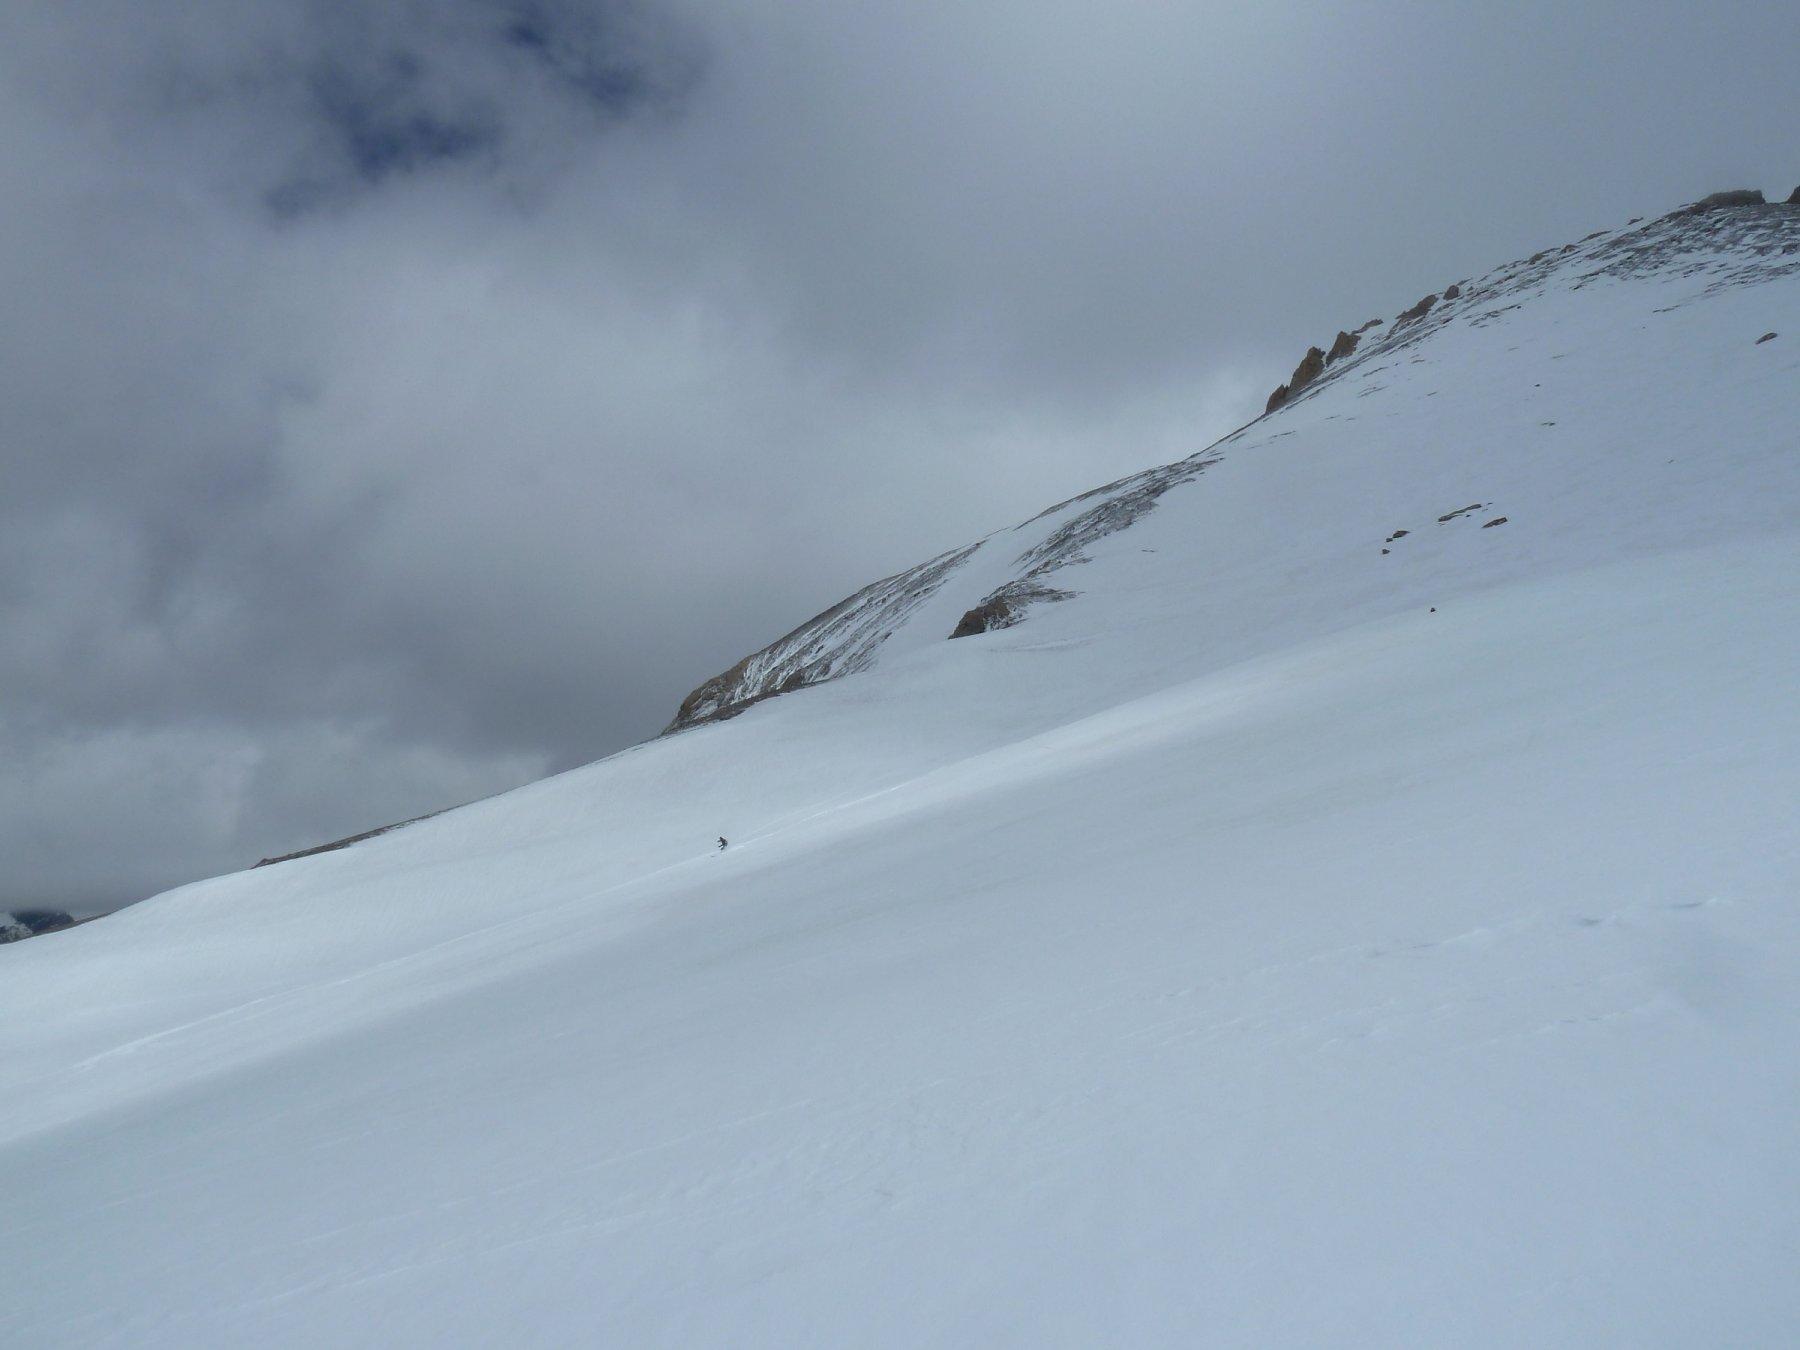 bella neve farinosa alle pendici della Pointe d'Aval